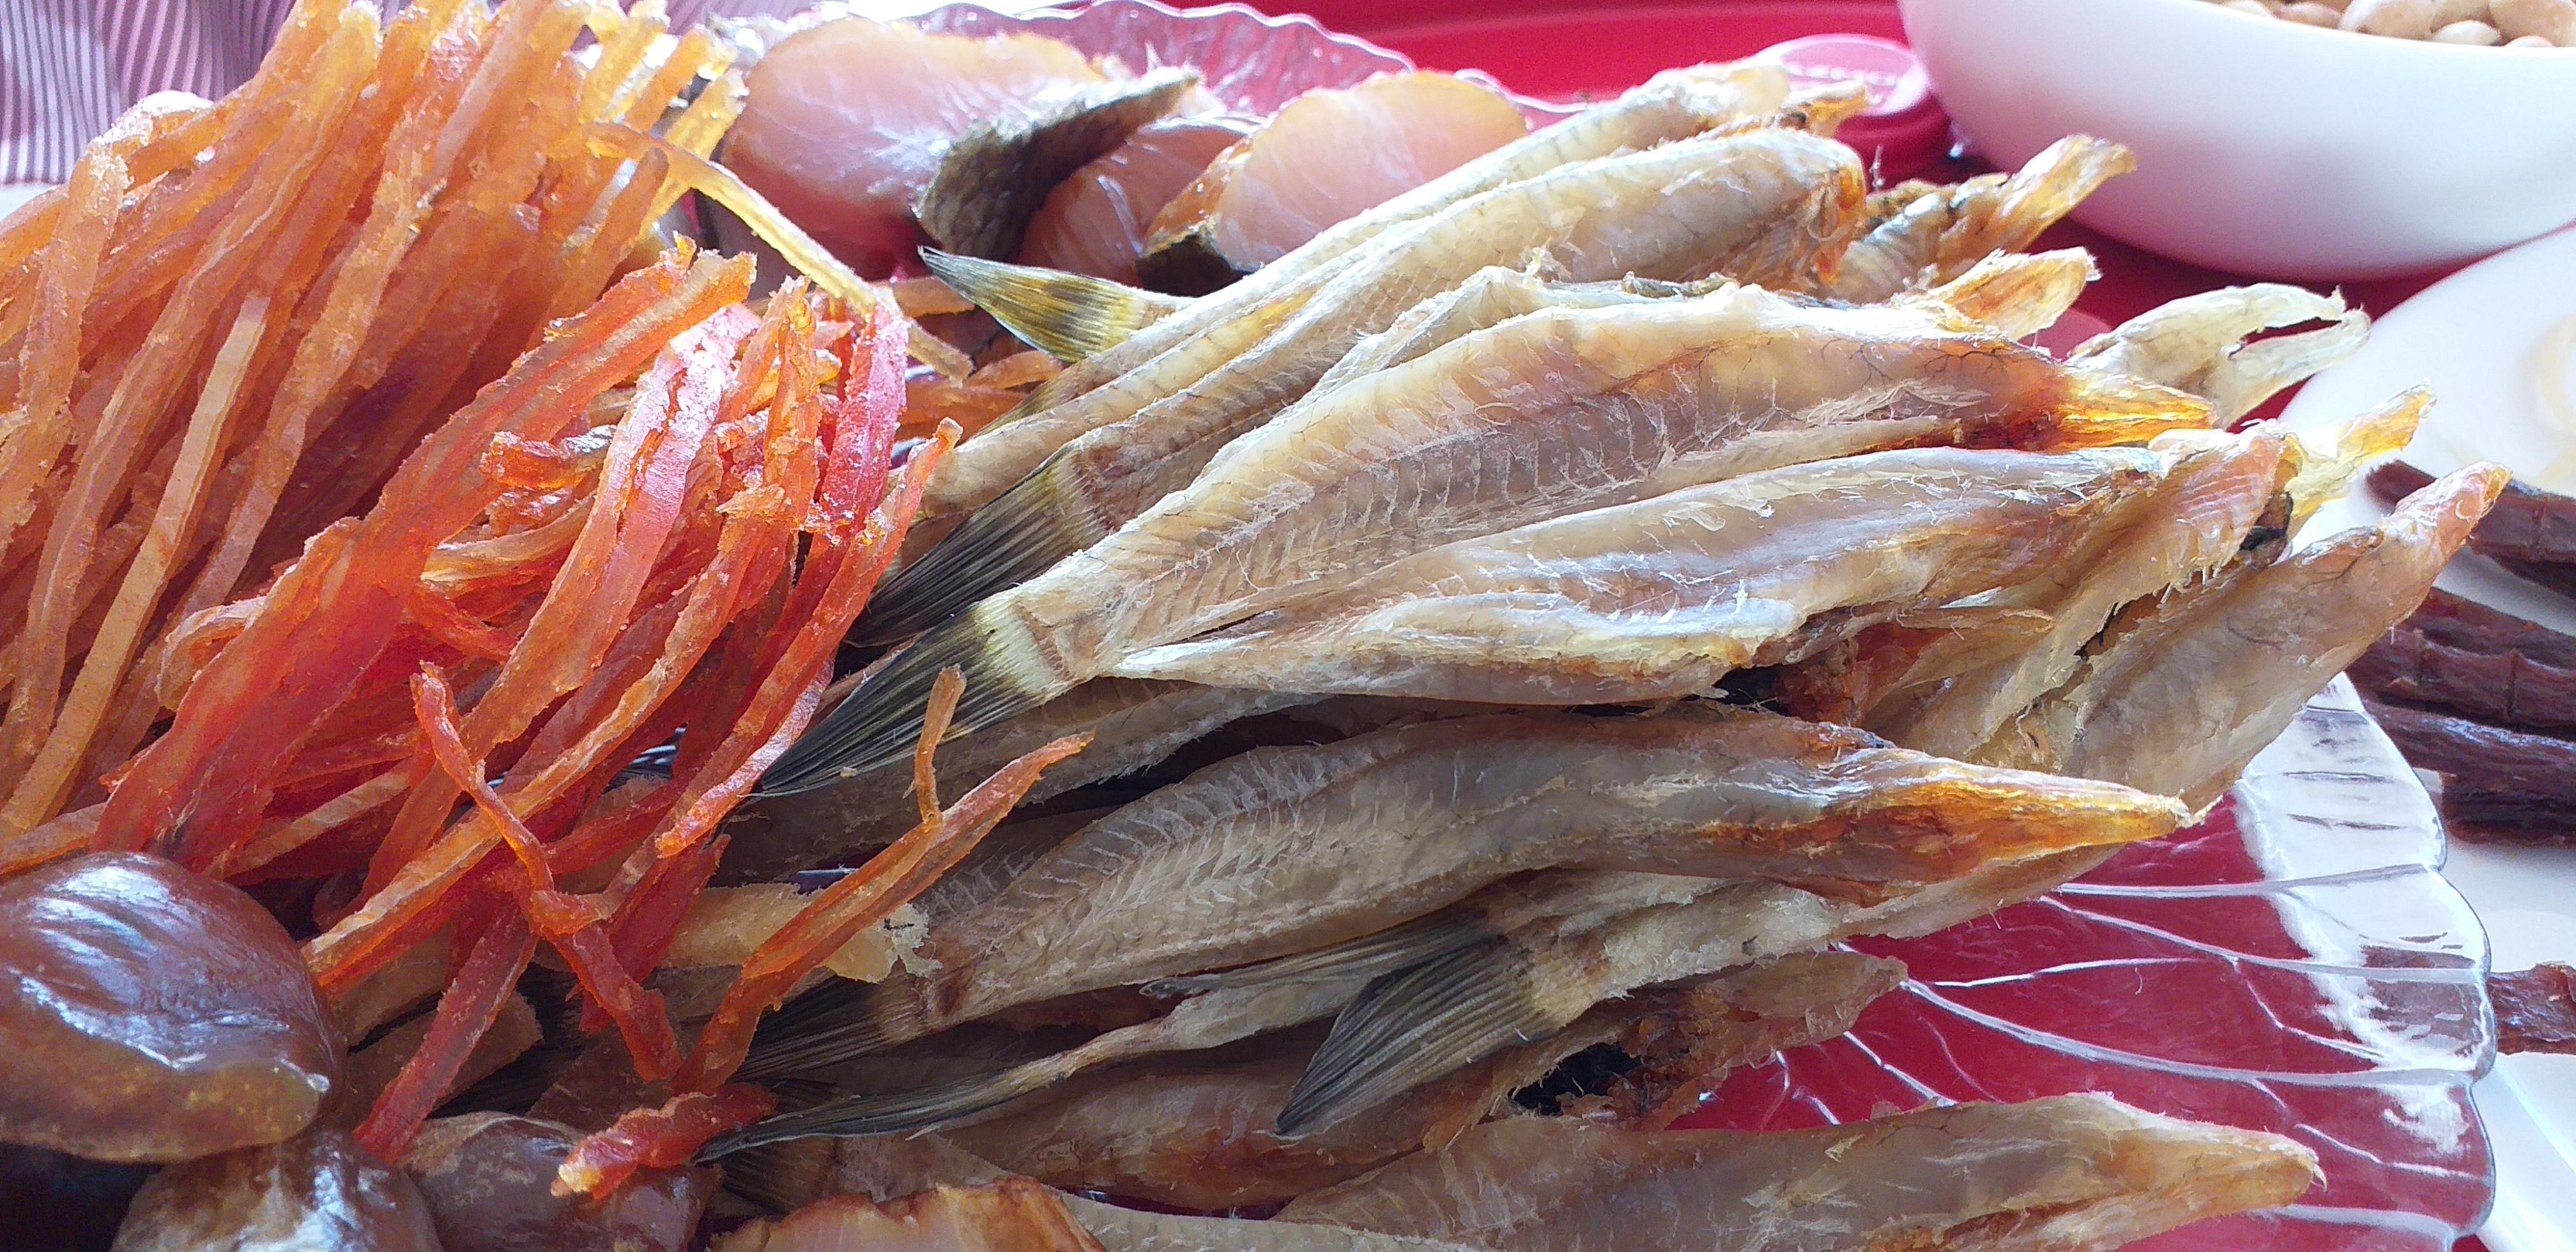 Бычки и другие рыбные деликатесы